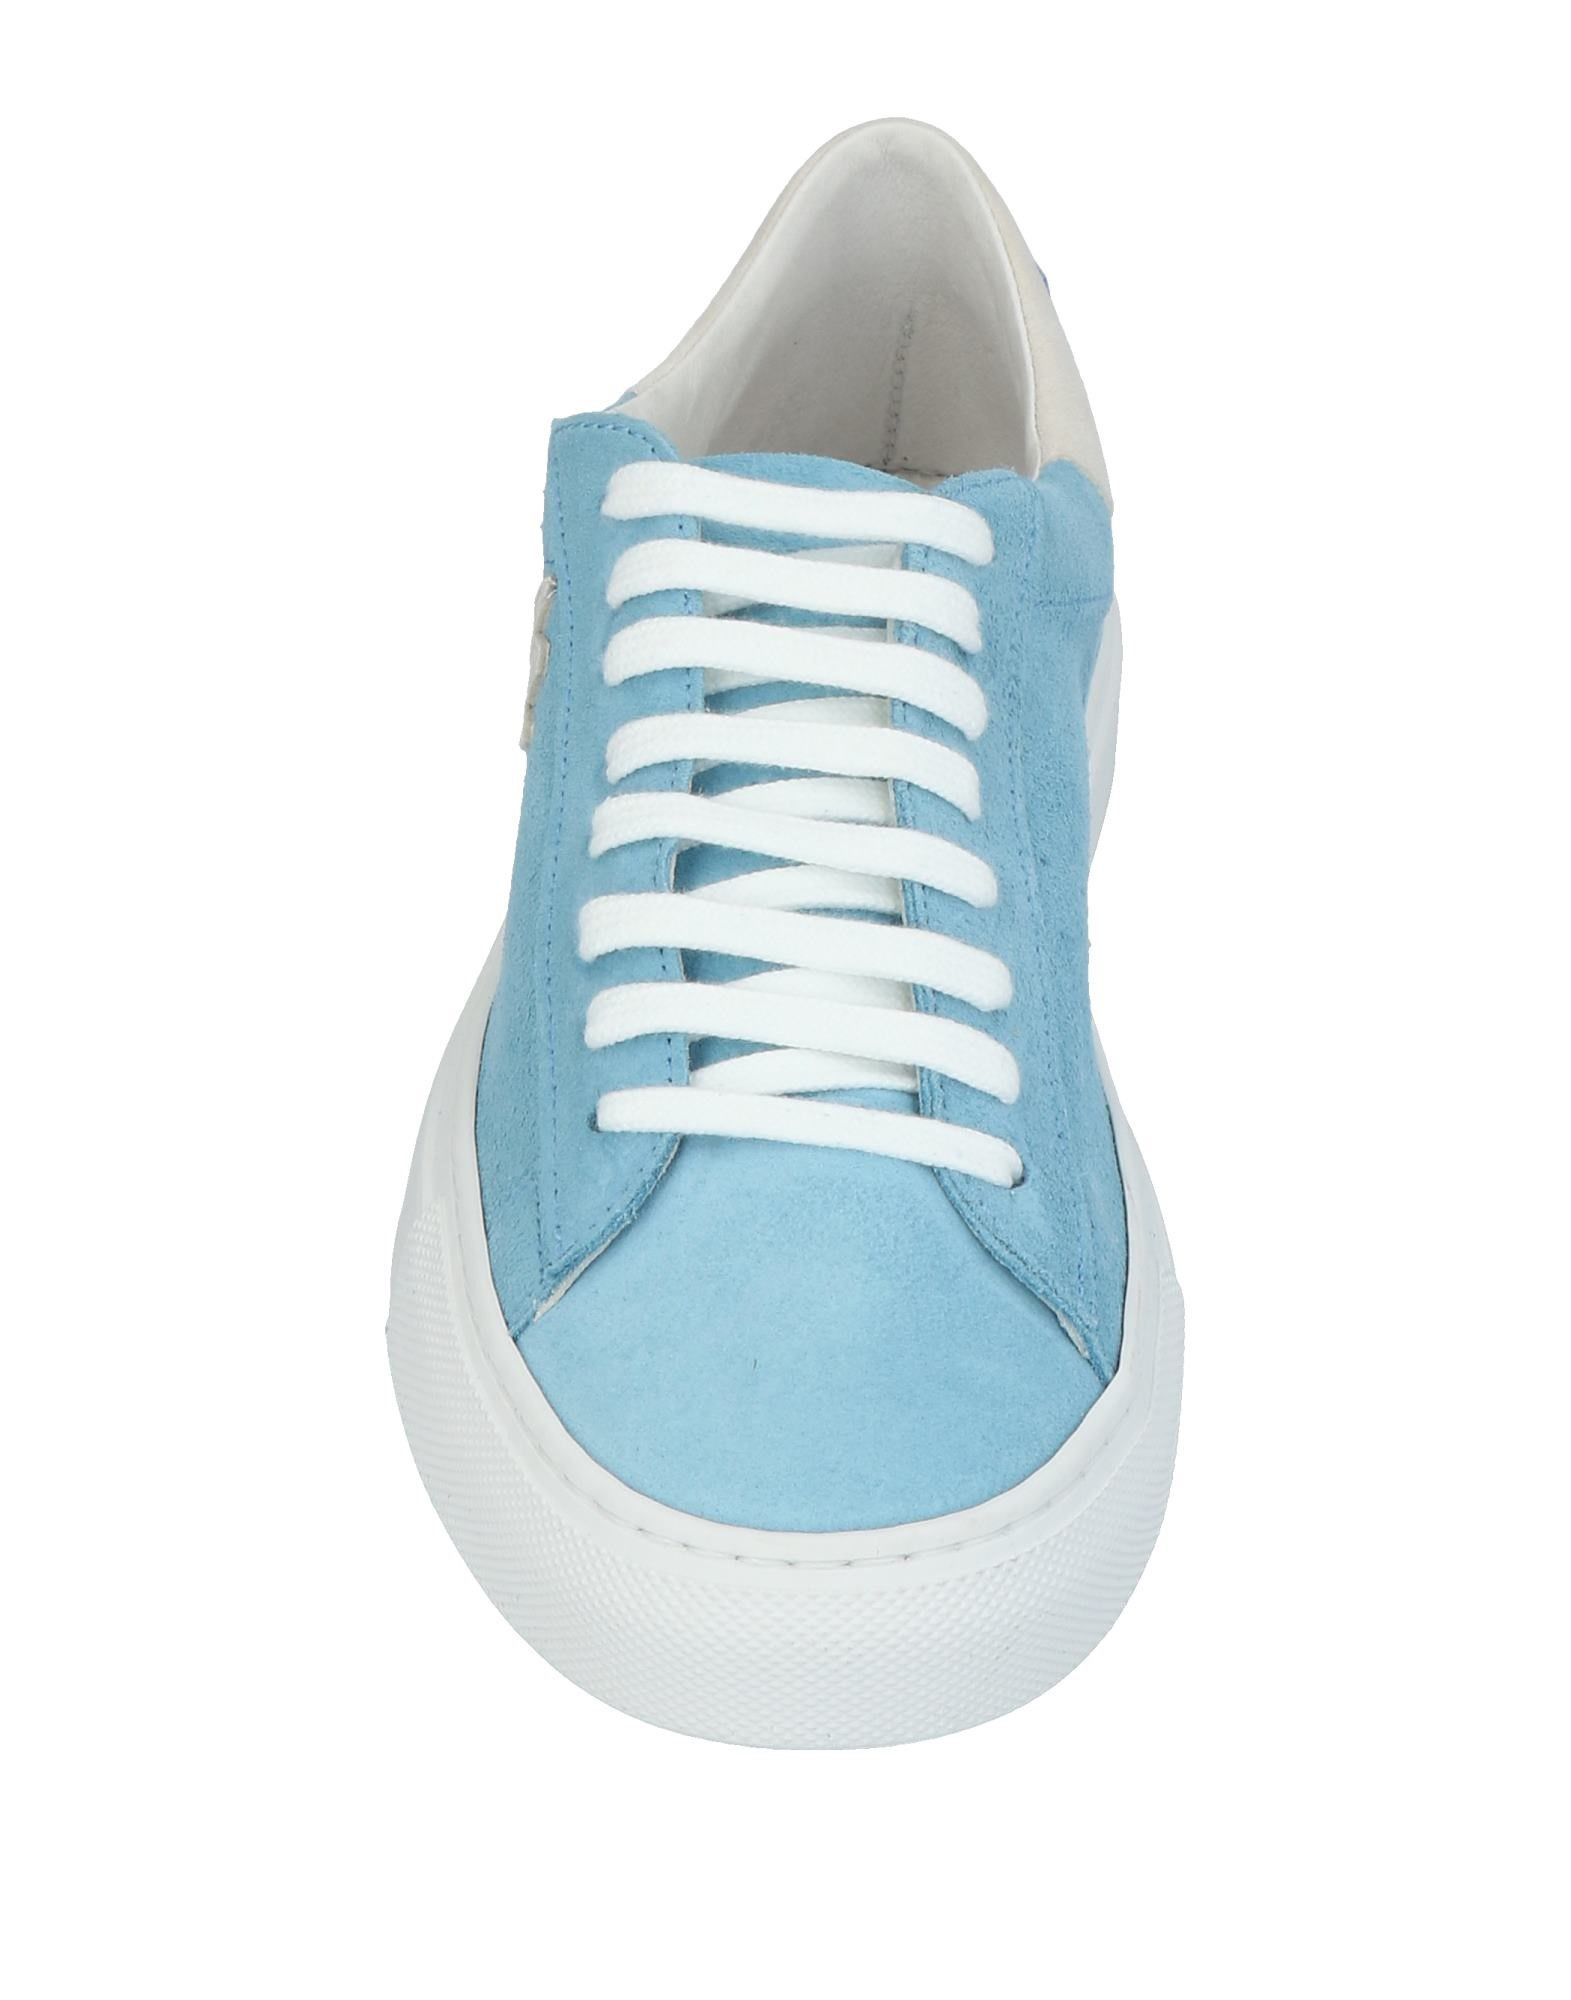 Gut um billige Damen Schuhe zu tragenPatrizia Pepe Sneakers Damen billige  11432018CS fe9c07